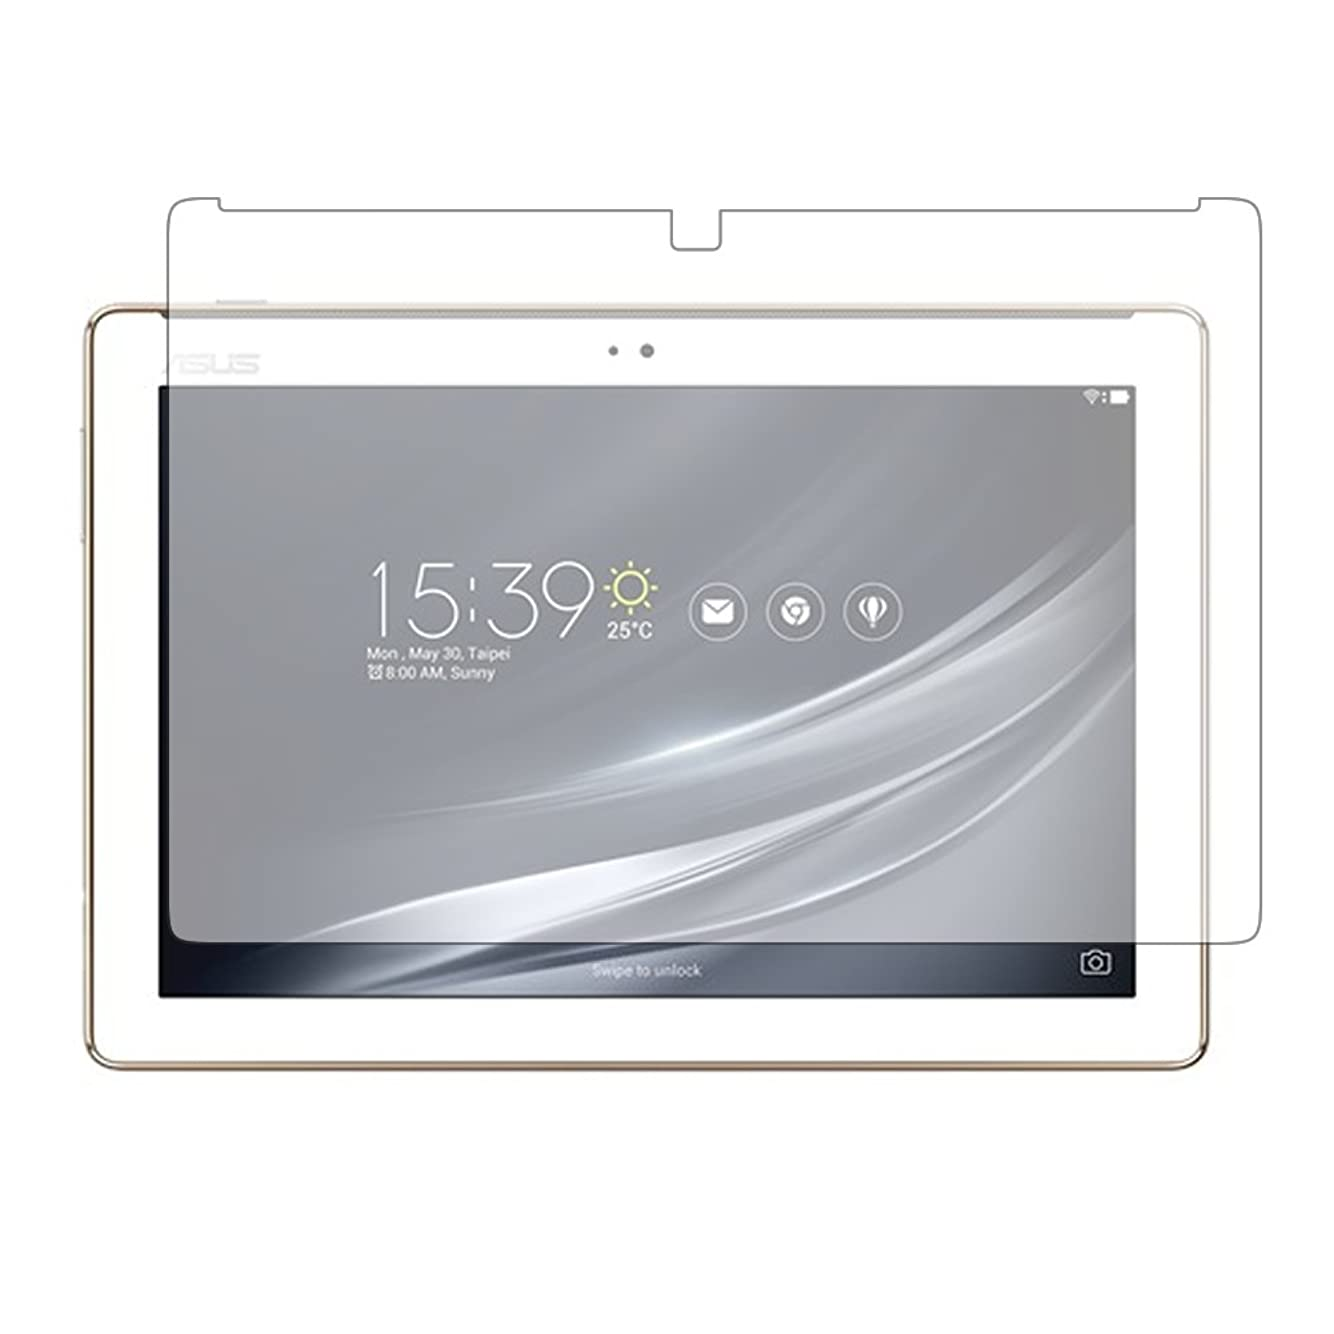 ずっと控える天メディアカバーマーケット【専用】ASUS ZenPad 10 (Z301M/Z301MFL)機種用【ブルーライトカット 反射防止 指紋防止 気泡レス 抗菌 液晶保護フィルム】